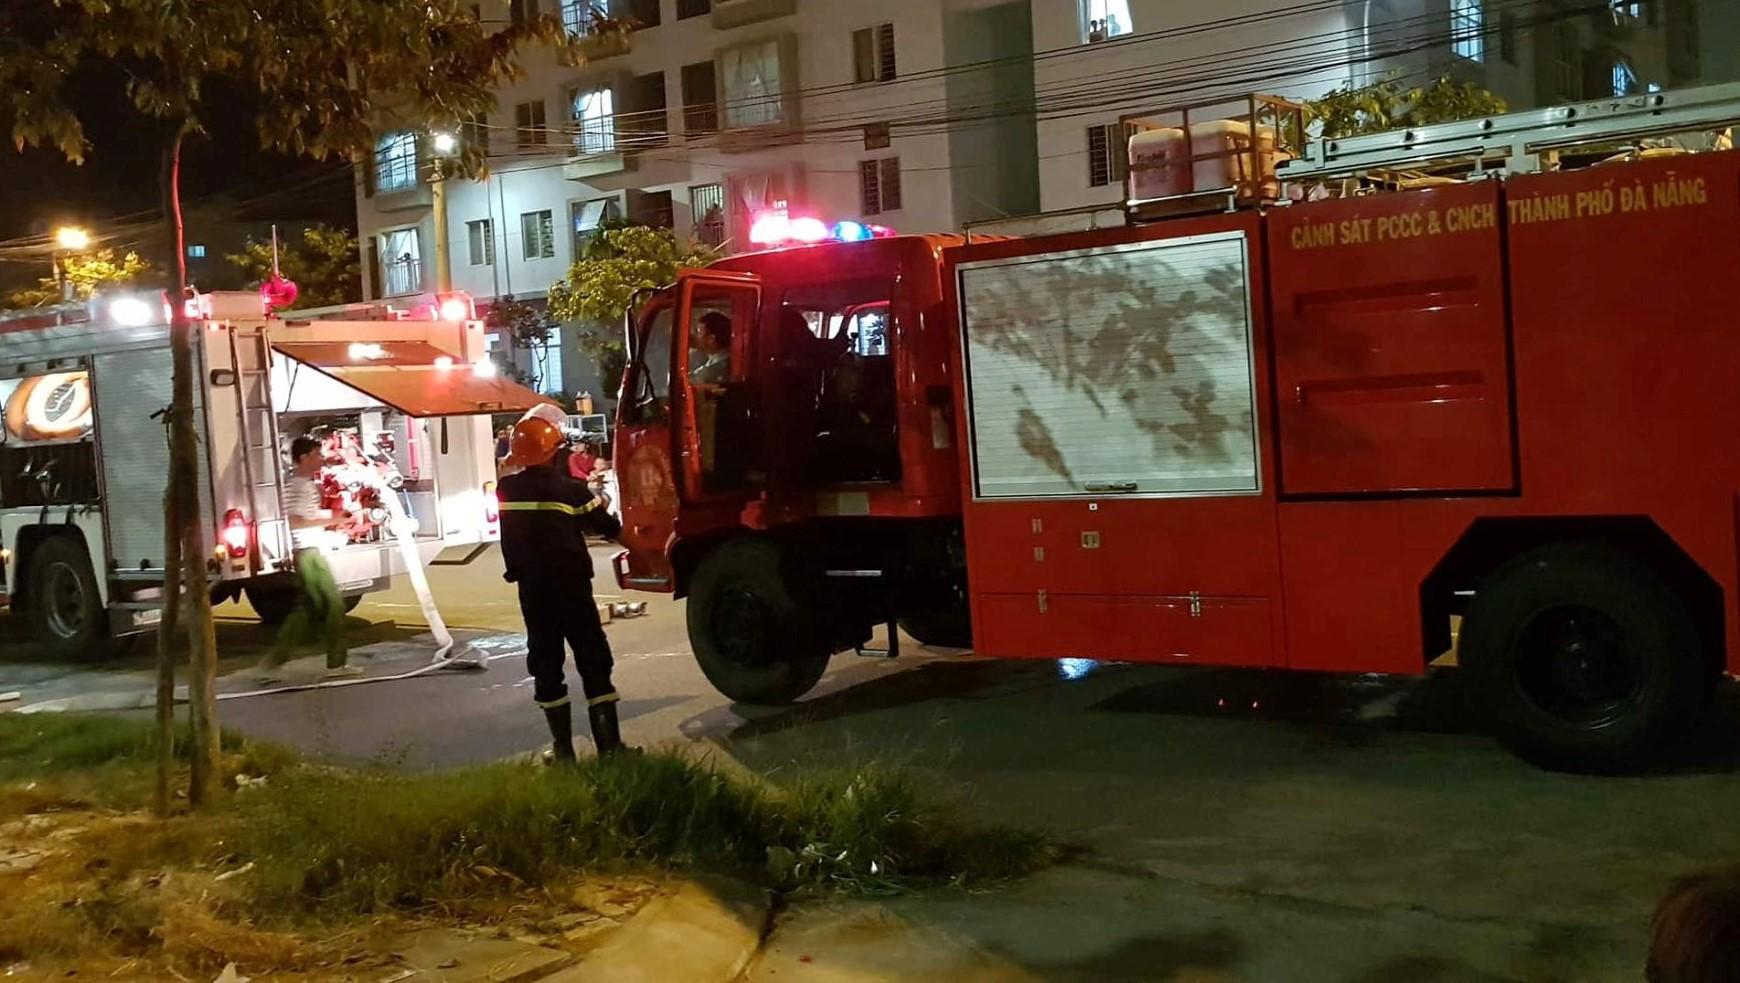 Thắp hương cúng rằm làm cháy chung cư ở Đà Nẵng, nhiều người tháo chạy trong đêm - Ảnh 3.